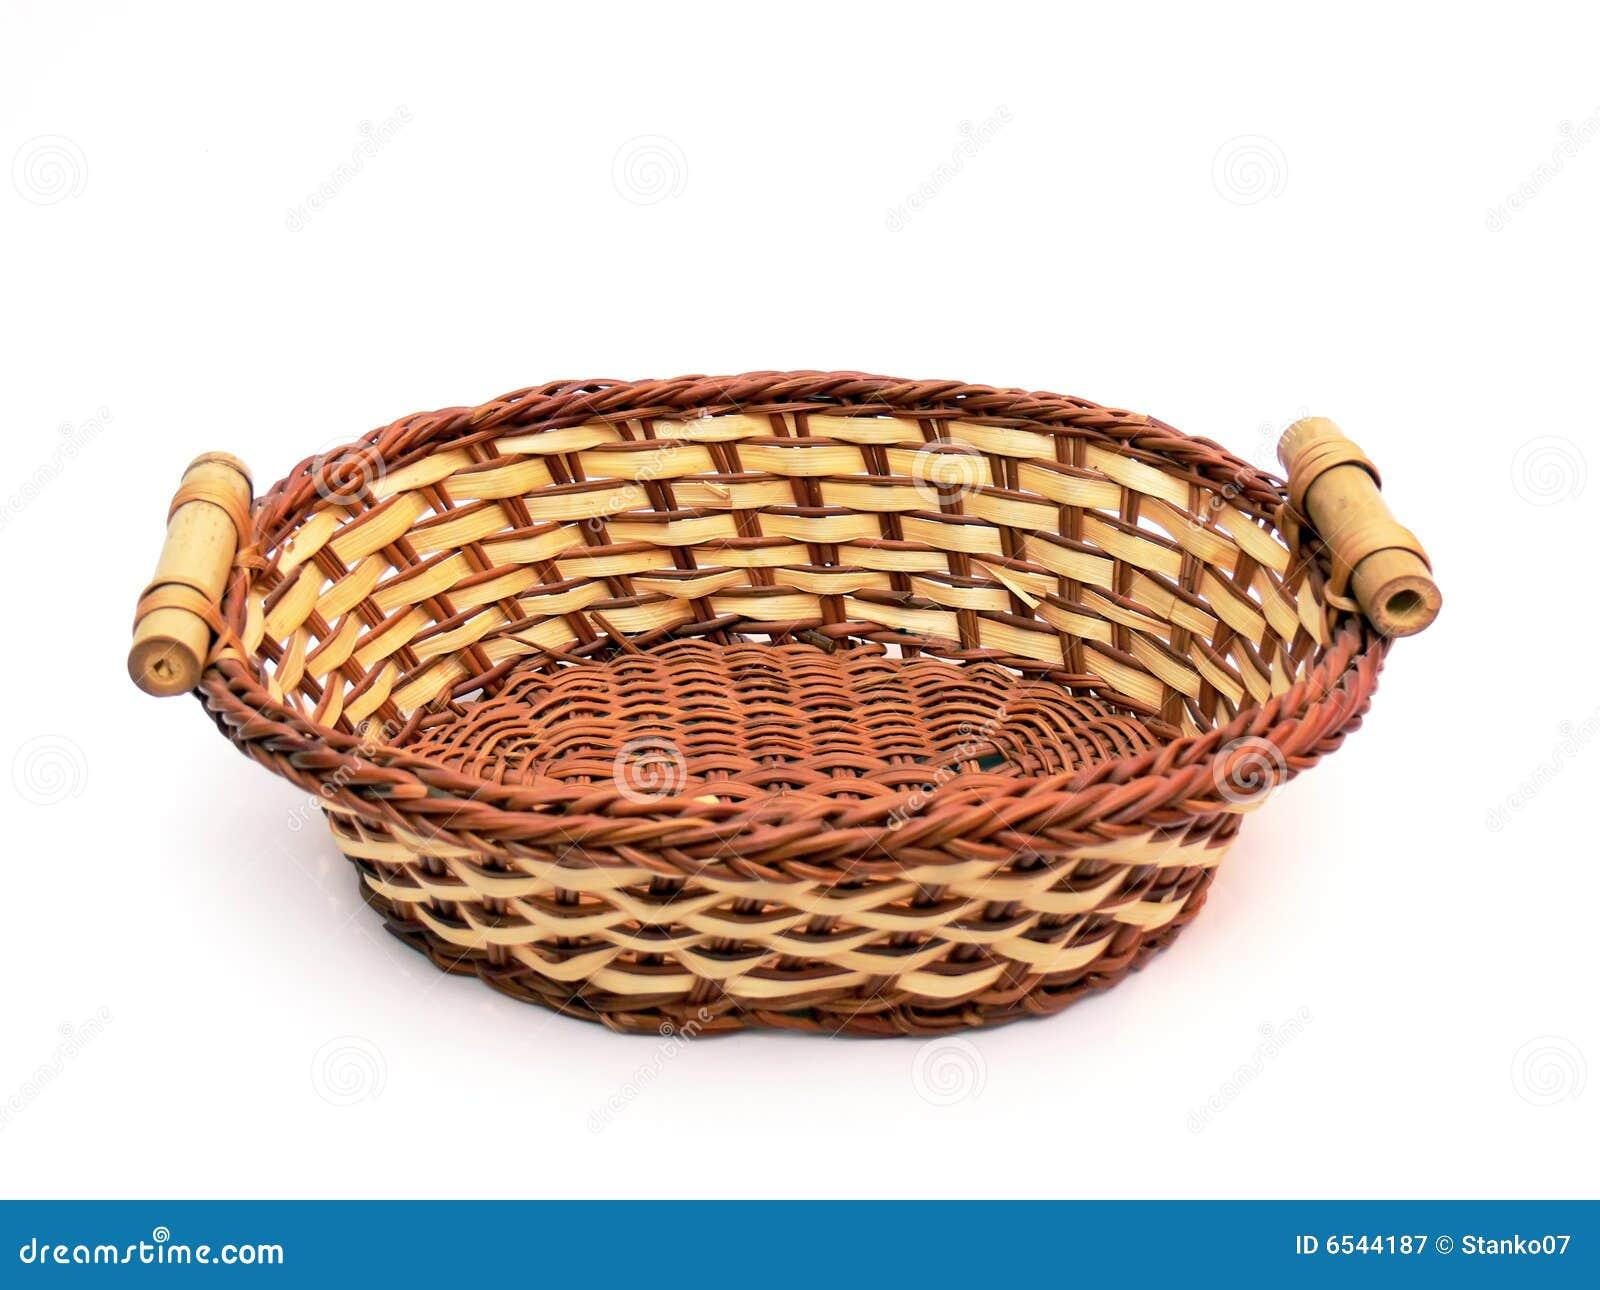 Empty Fruit Basket Clipart